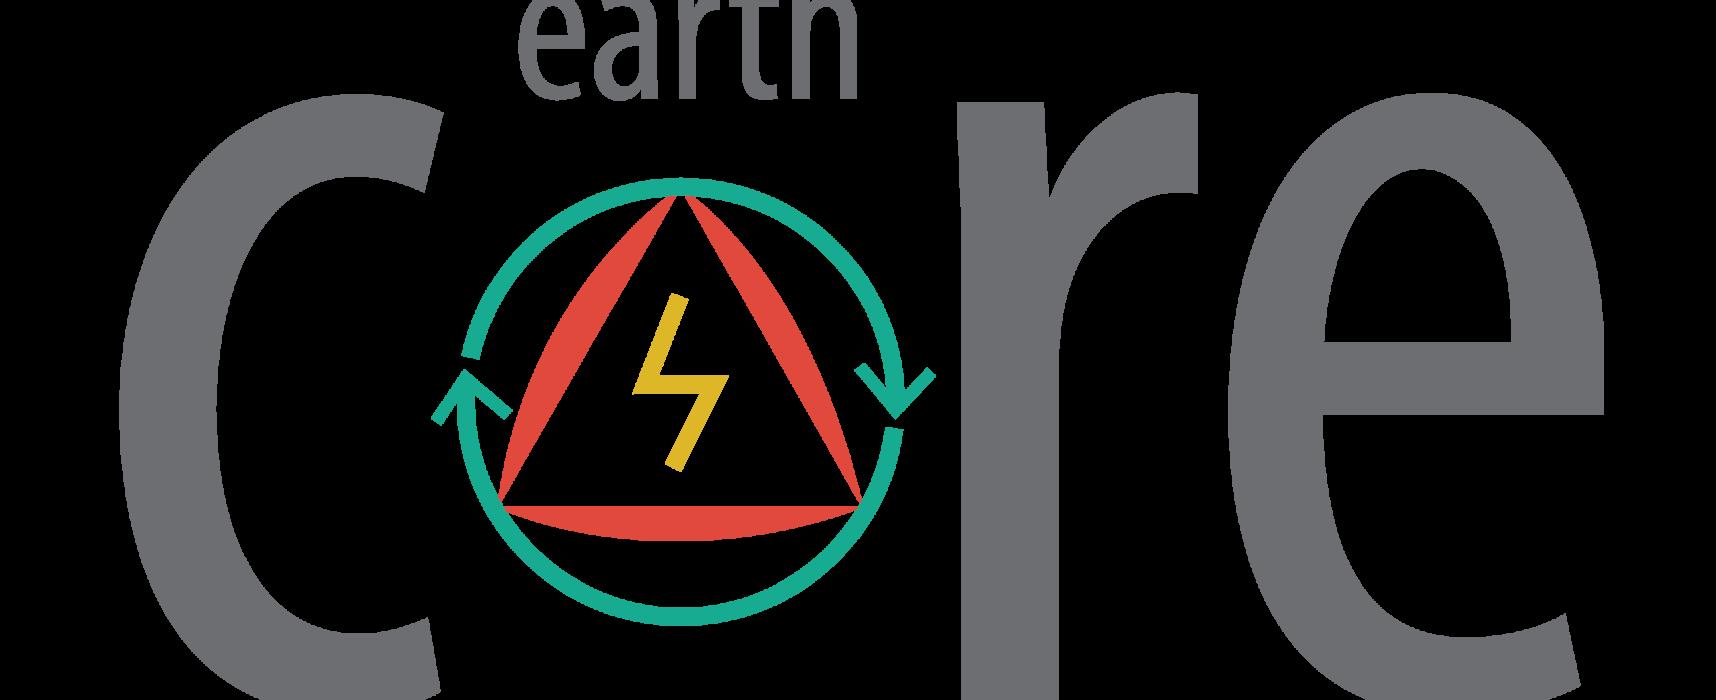 Tirocinio Erasmus Earth Core – Energia rinnovabili 3 mesi in Grecia, Portogallo, Regno Unito, Rep. Ceca e Spagna